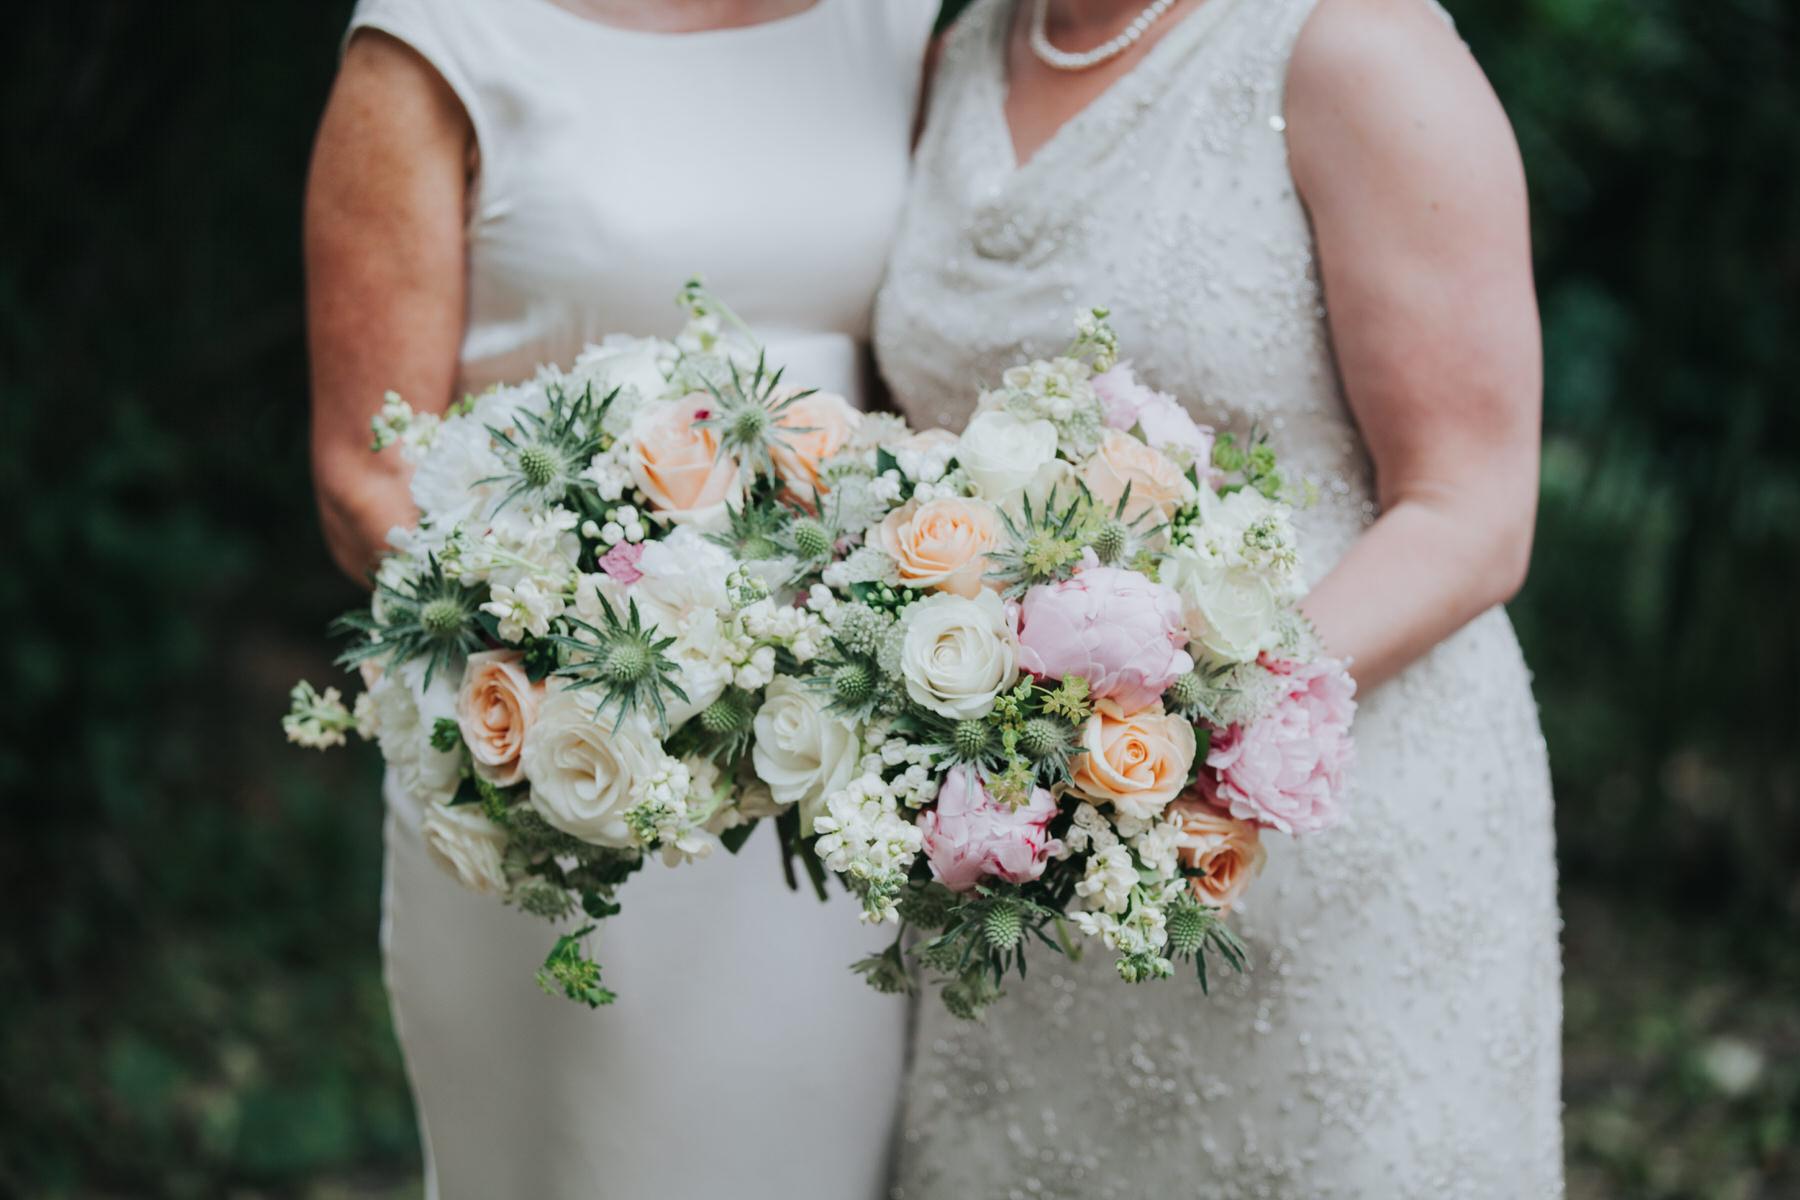 166 double blush bouquet photo two brides.jpg